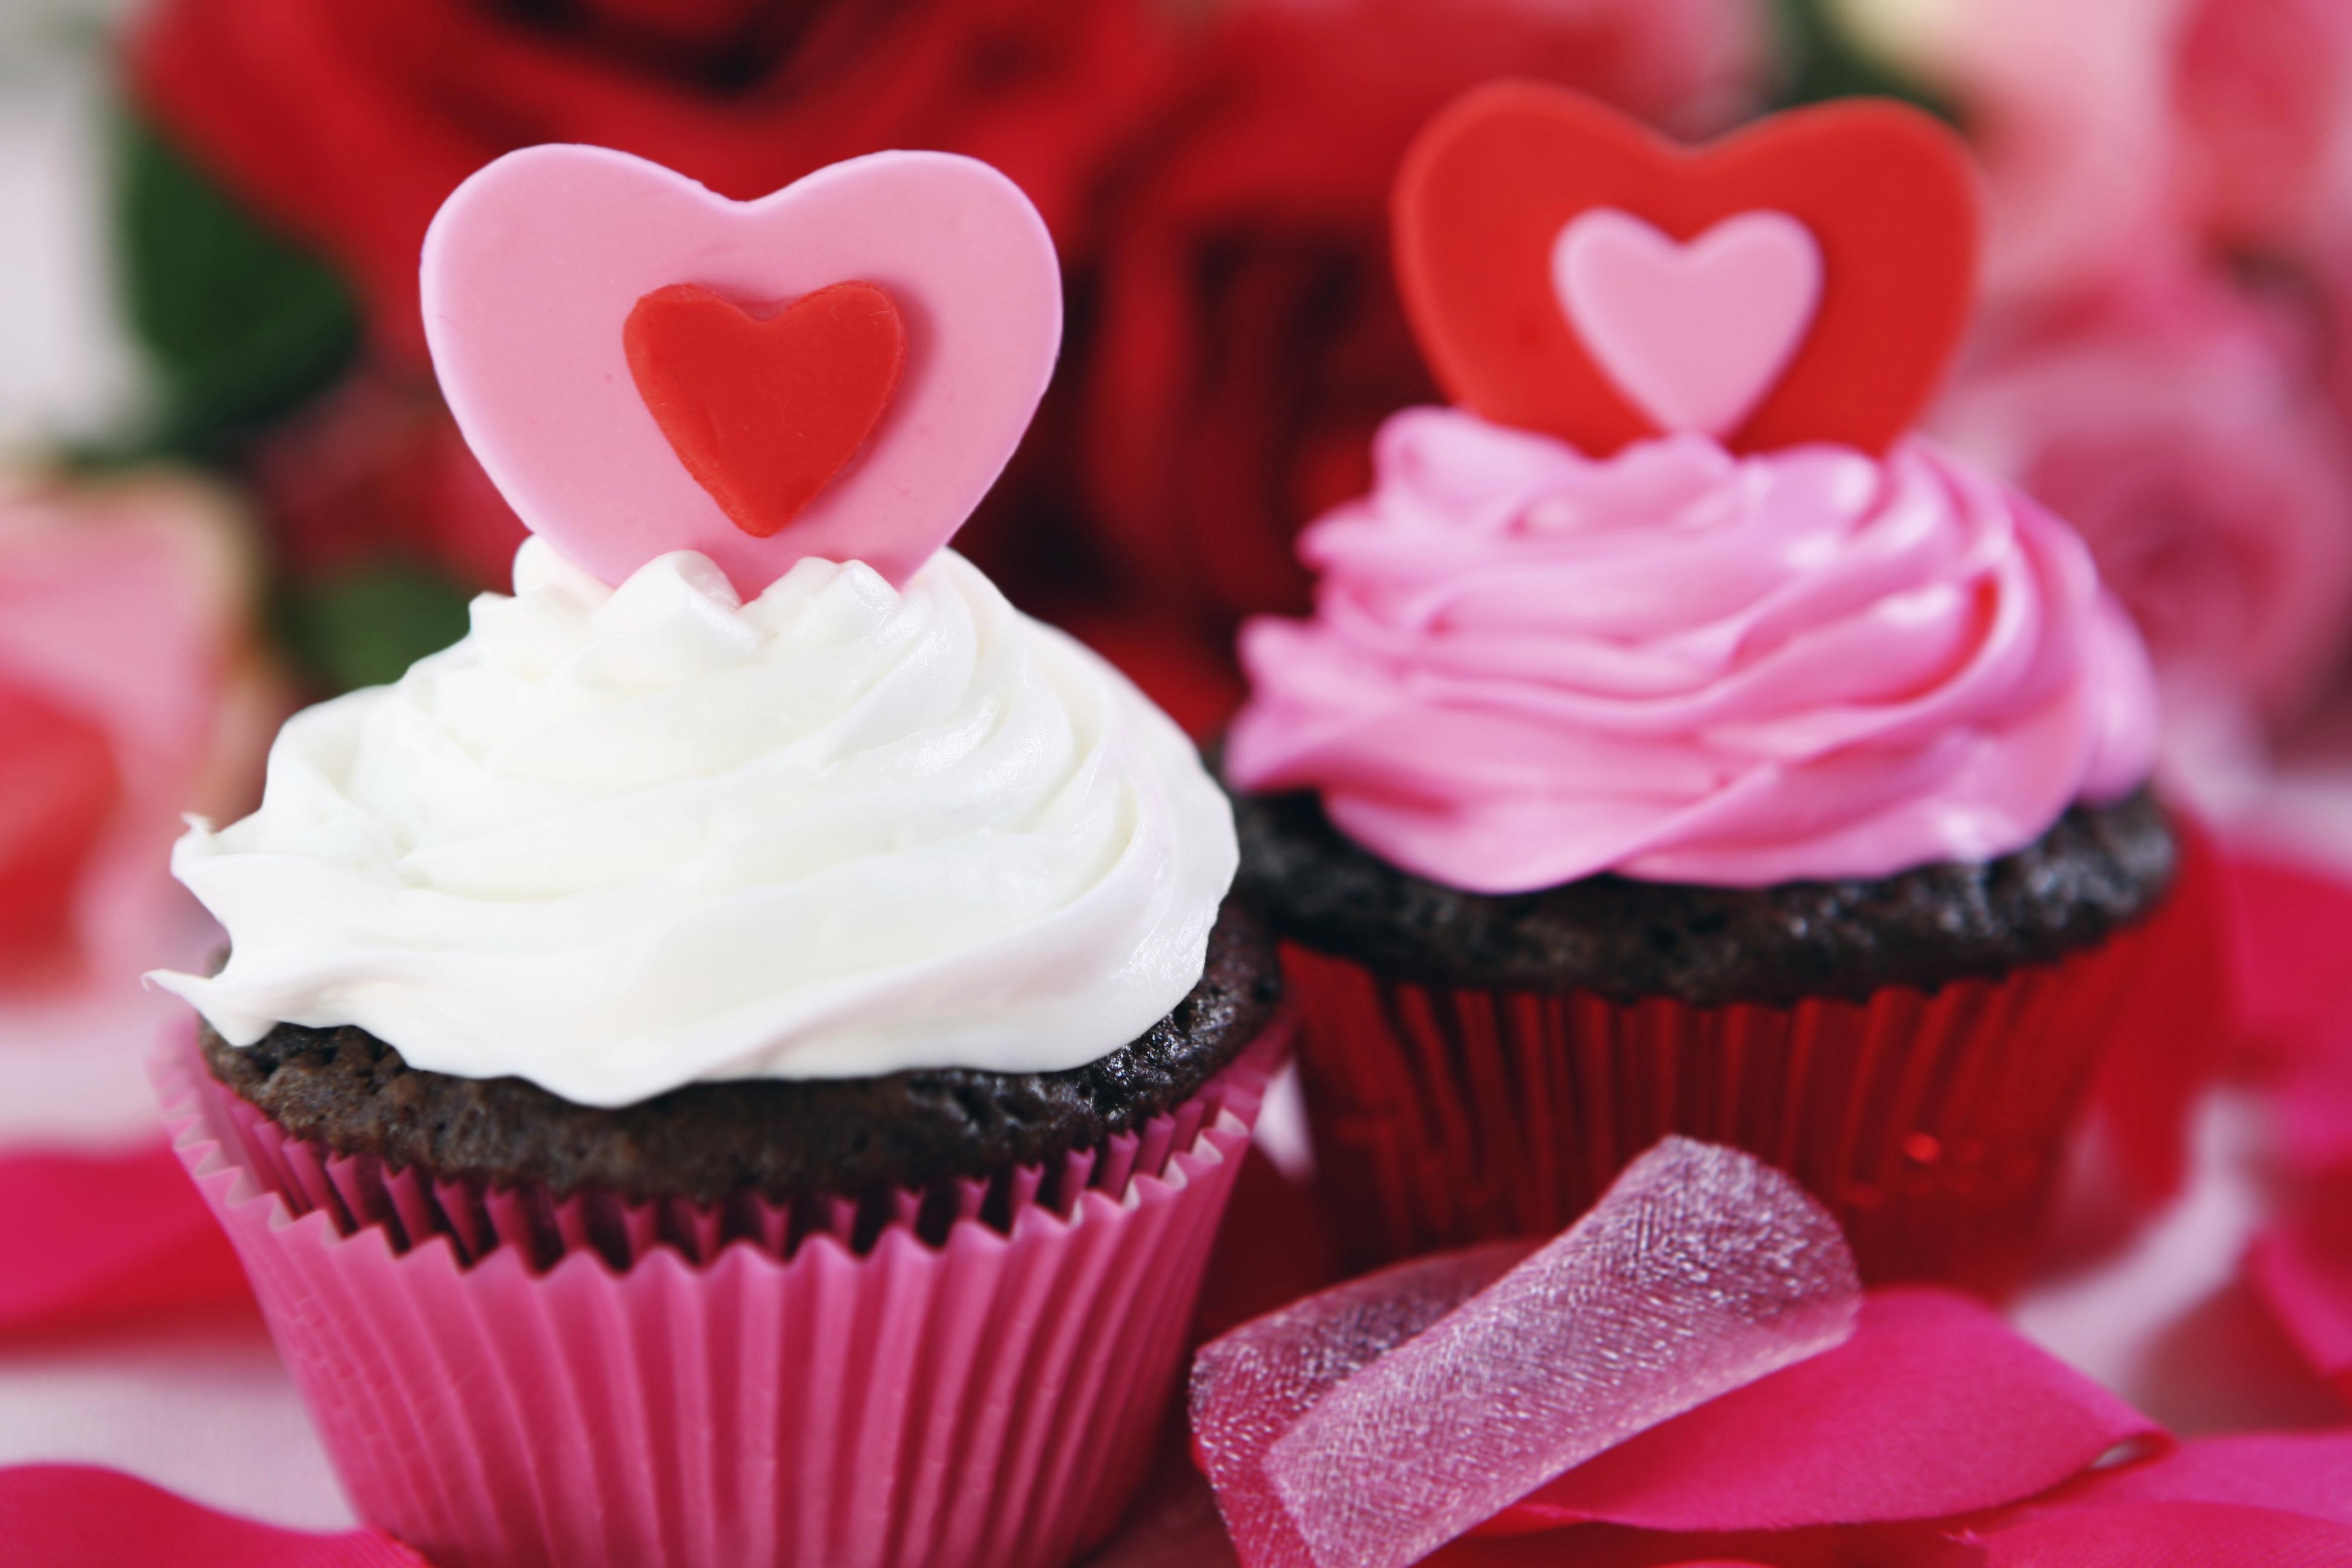 кексы пирожное cupcakes cake  № 132235 бесплатно